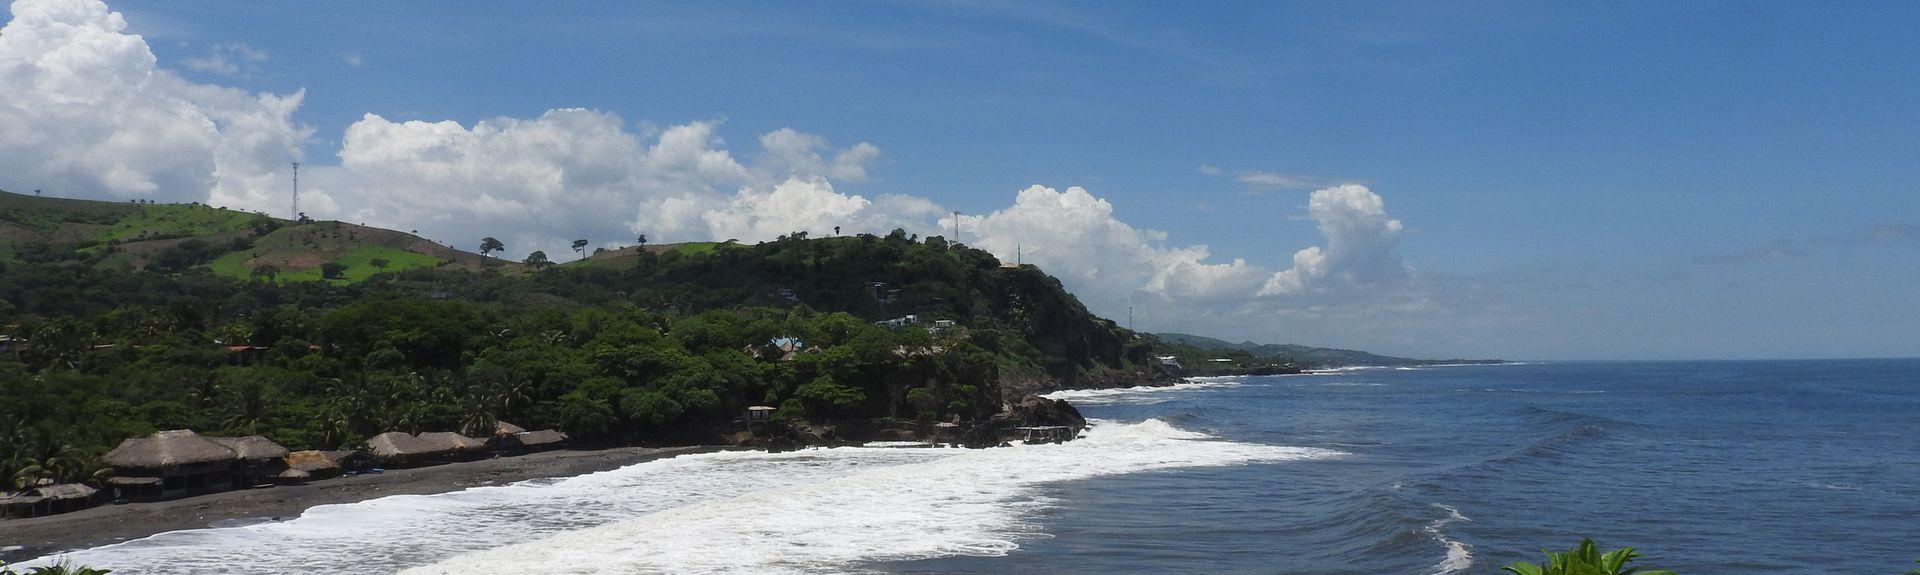 El Zonte, El Salvador